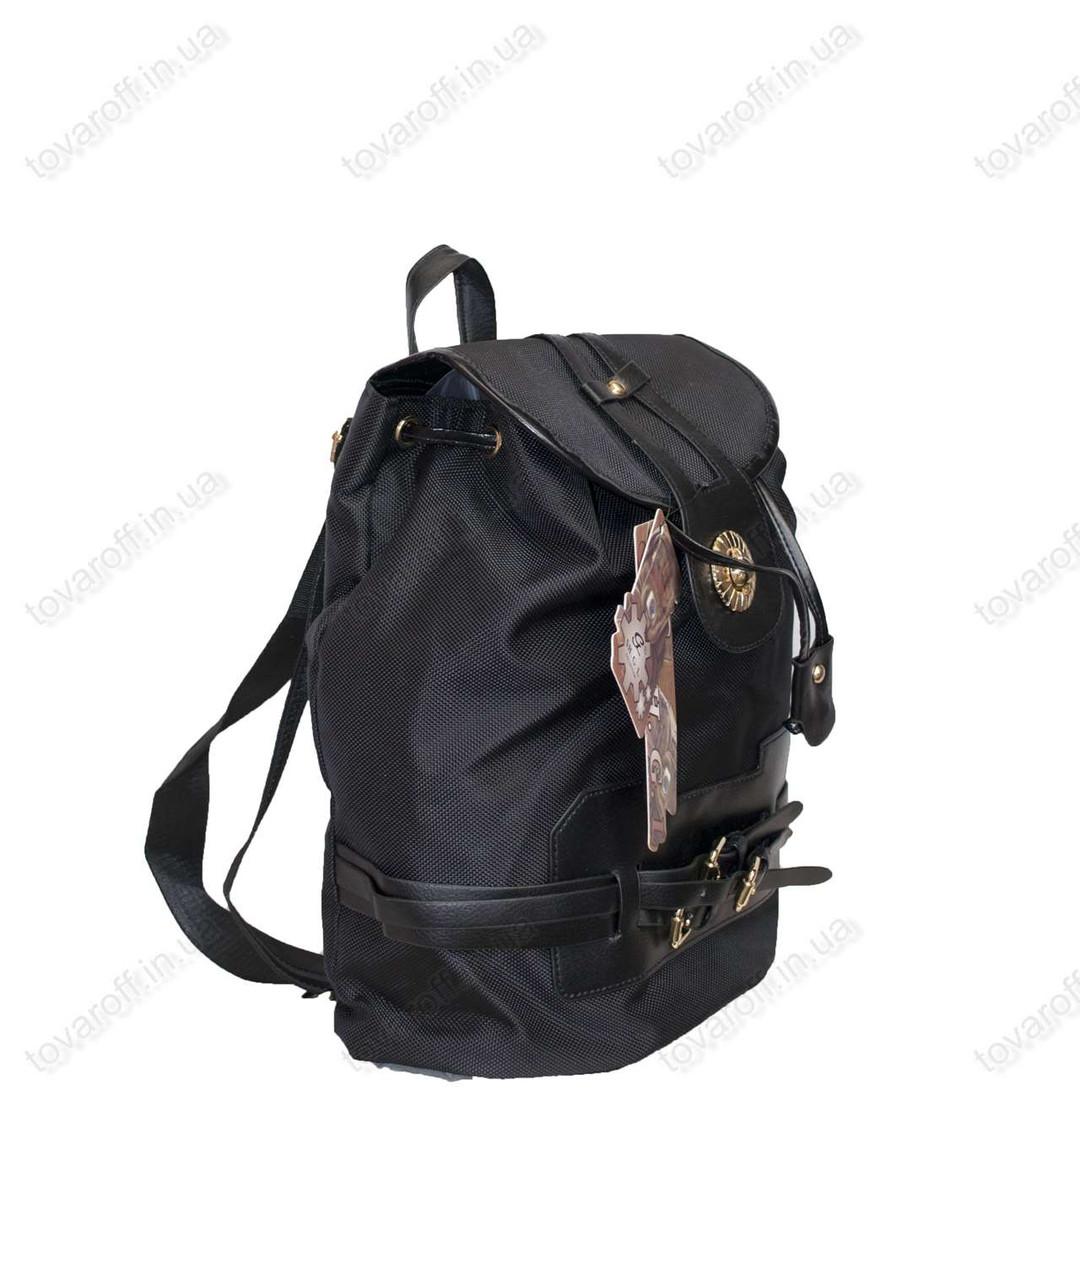 Оптом рюкзак для девочки - Черный - 2014